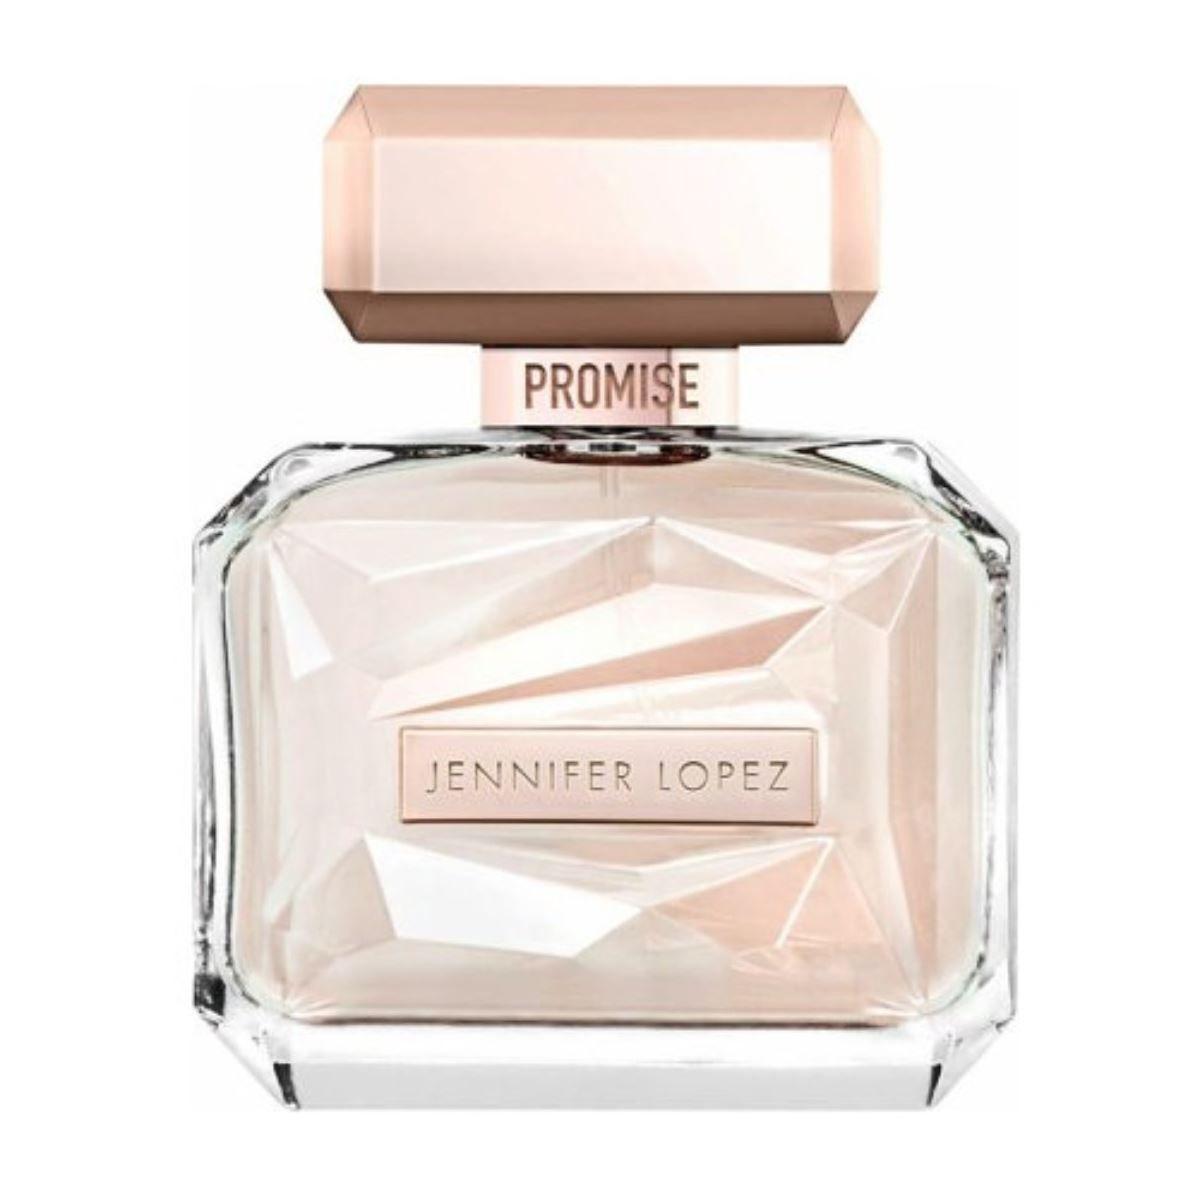 Promise Eau de Parfum